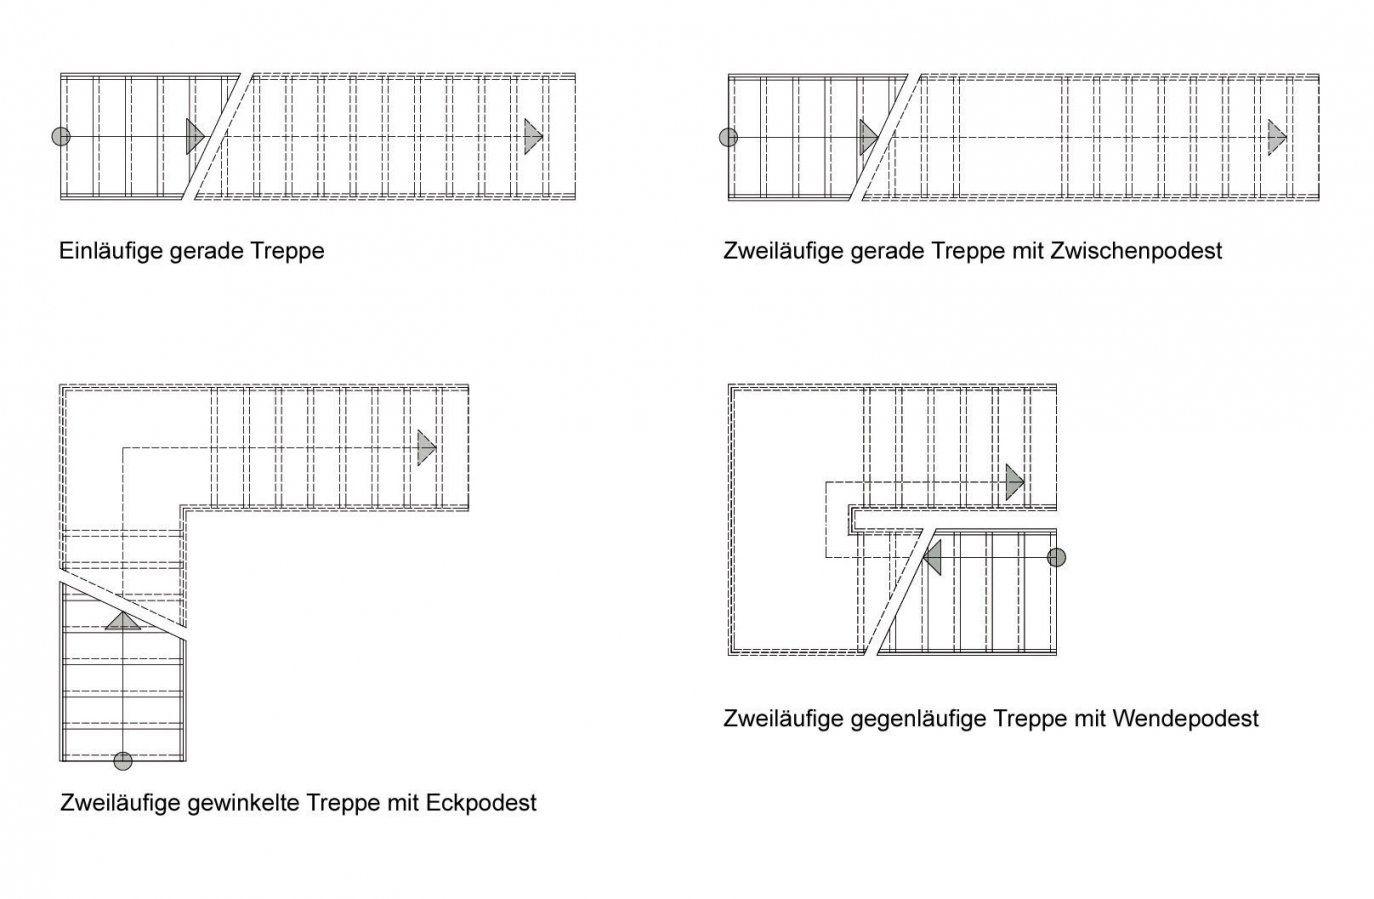 Gerade Treppen  Treppen  Treppenformen  Baunetzwissen von Außentreppe Mit Podest Berechnen Bild